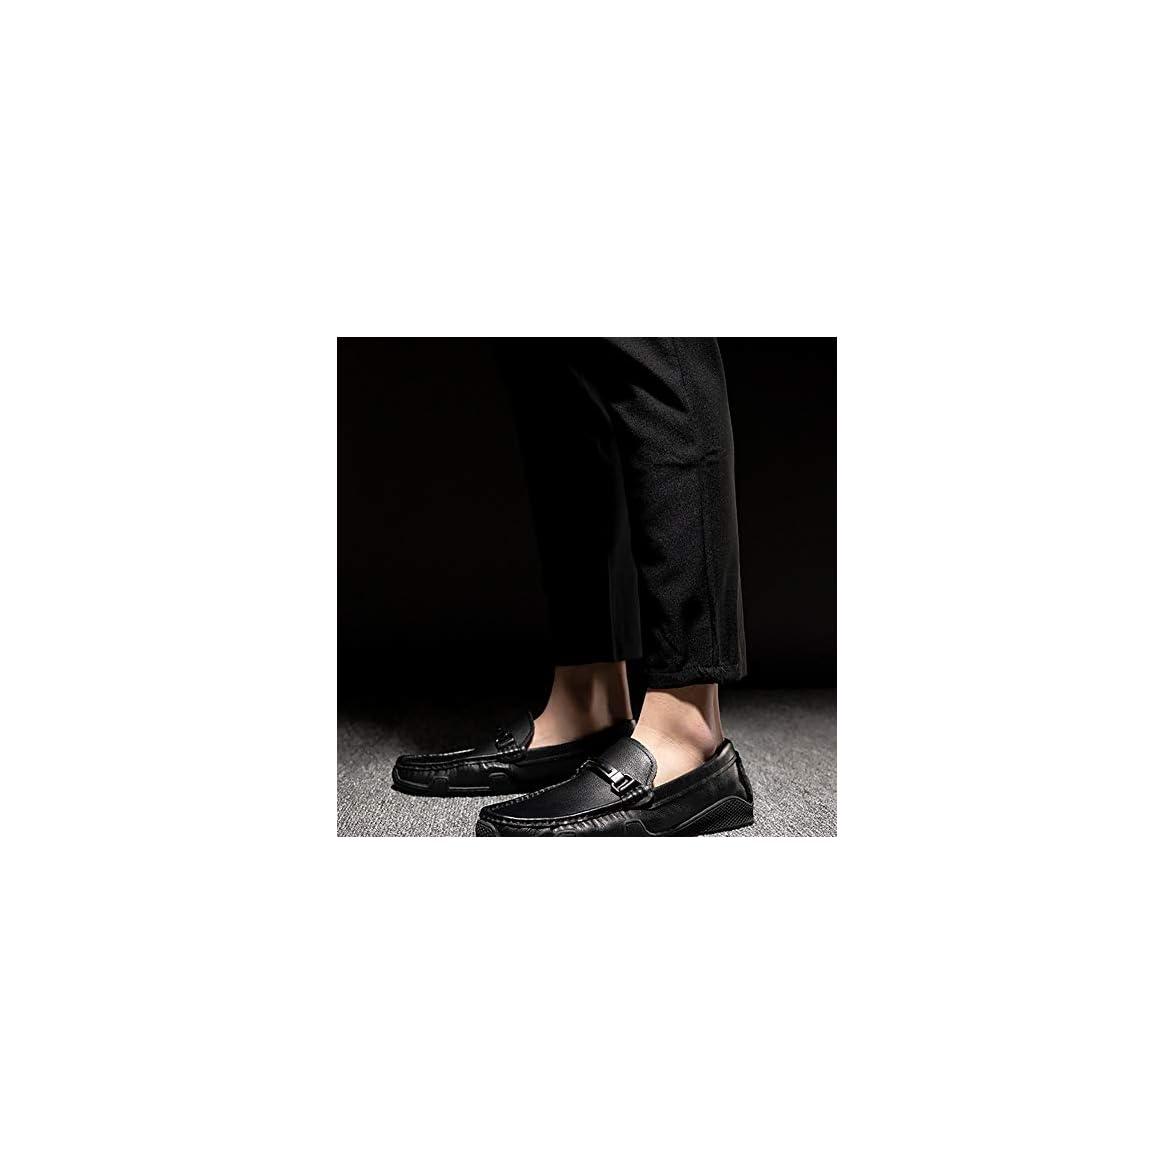 Gpf-fei Scarpe Da Uomo Mocassini Business Scarpa Pigro Punta Rotonda Piselli Moda Confortevole Traspirante Tempo Libero black 41